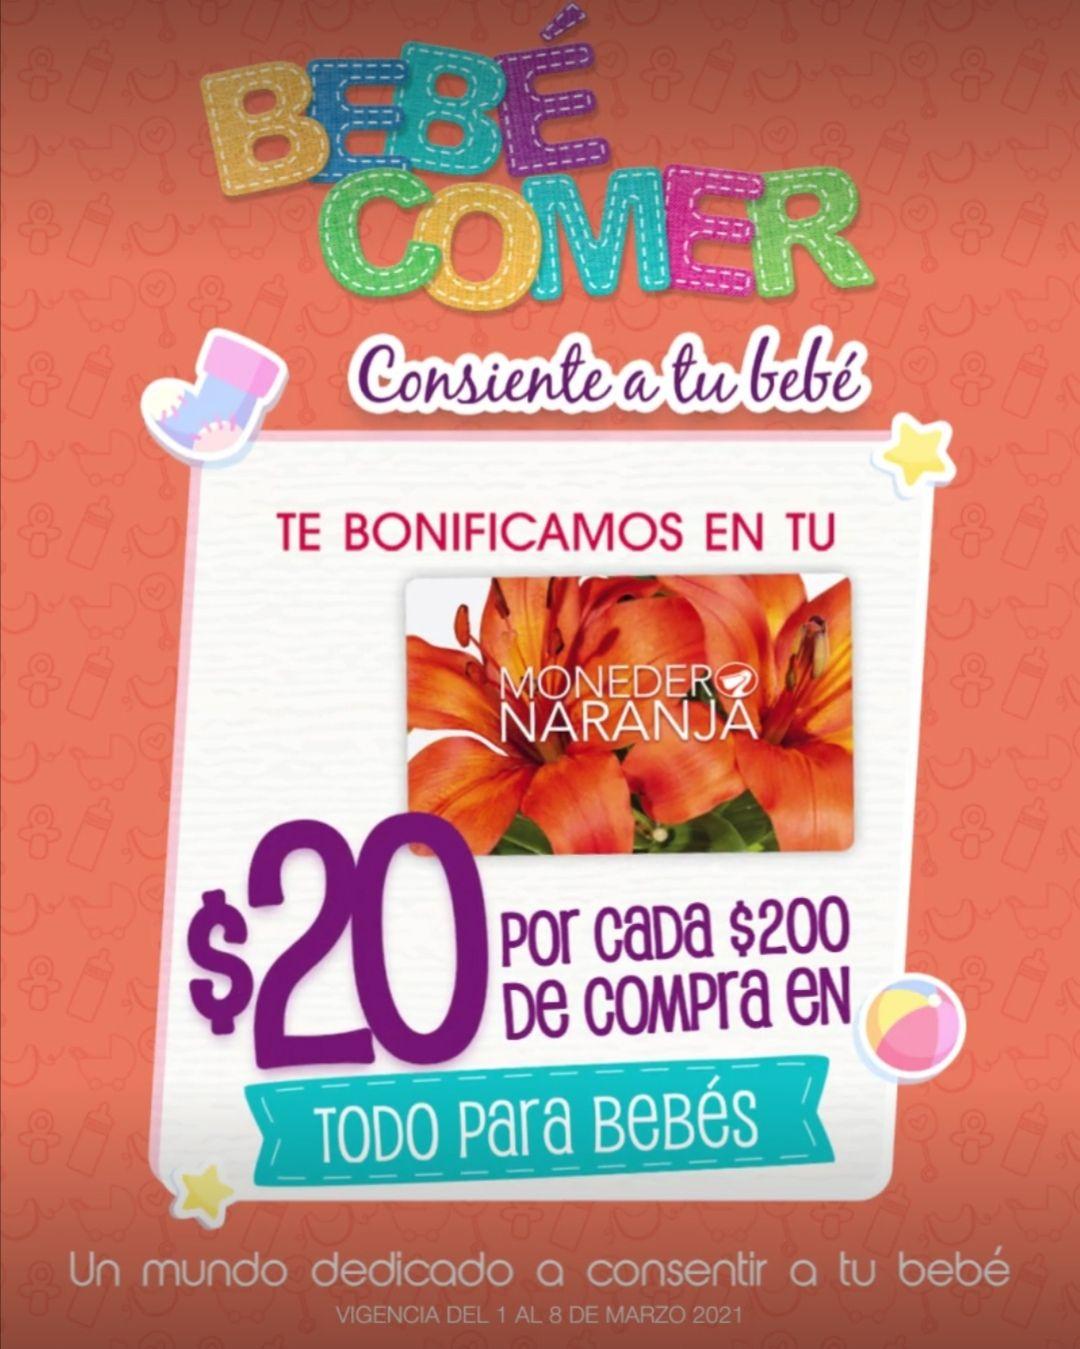 La Comer: Bebé Comer: Bonificación de $20 por cada $200 de compra en Monedero Naranja en todo para bebés